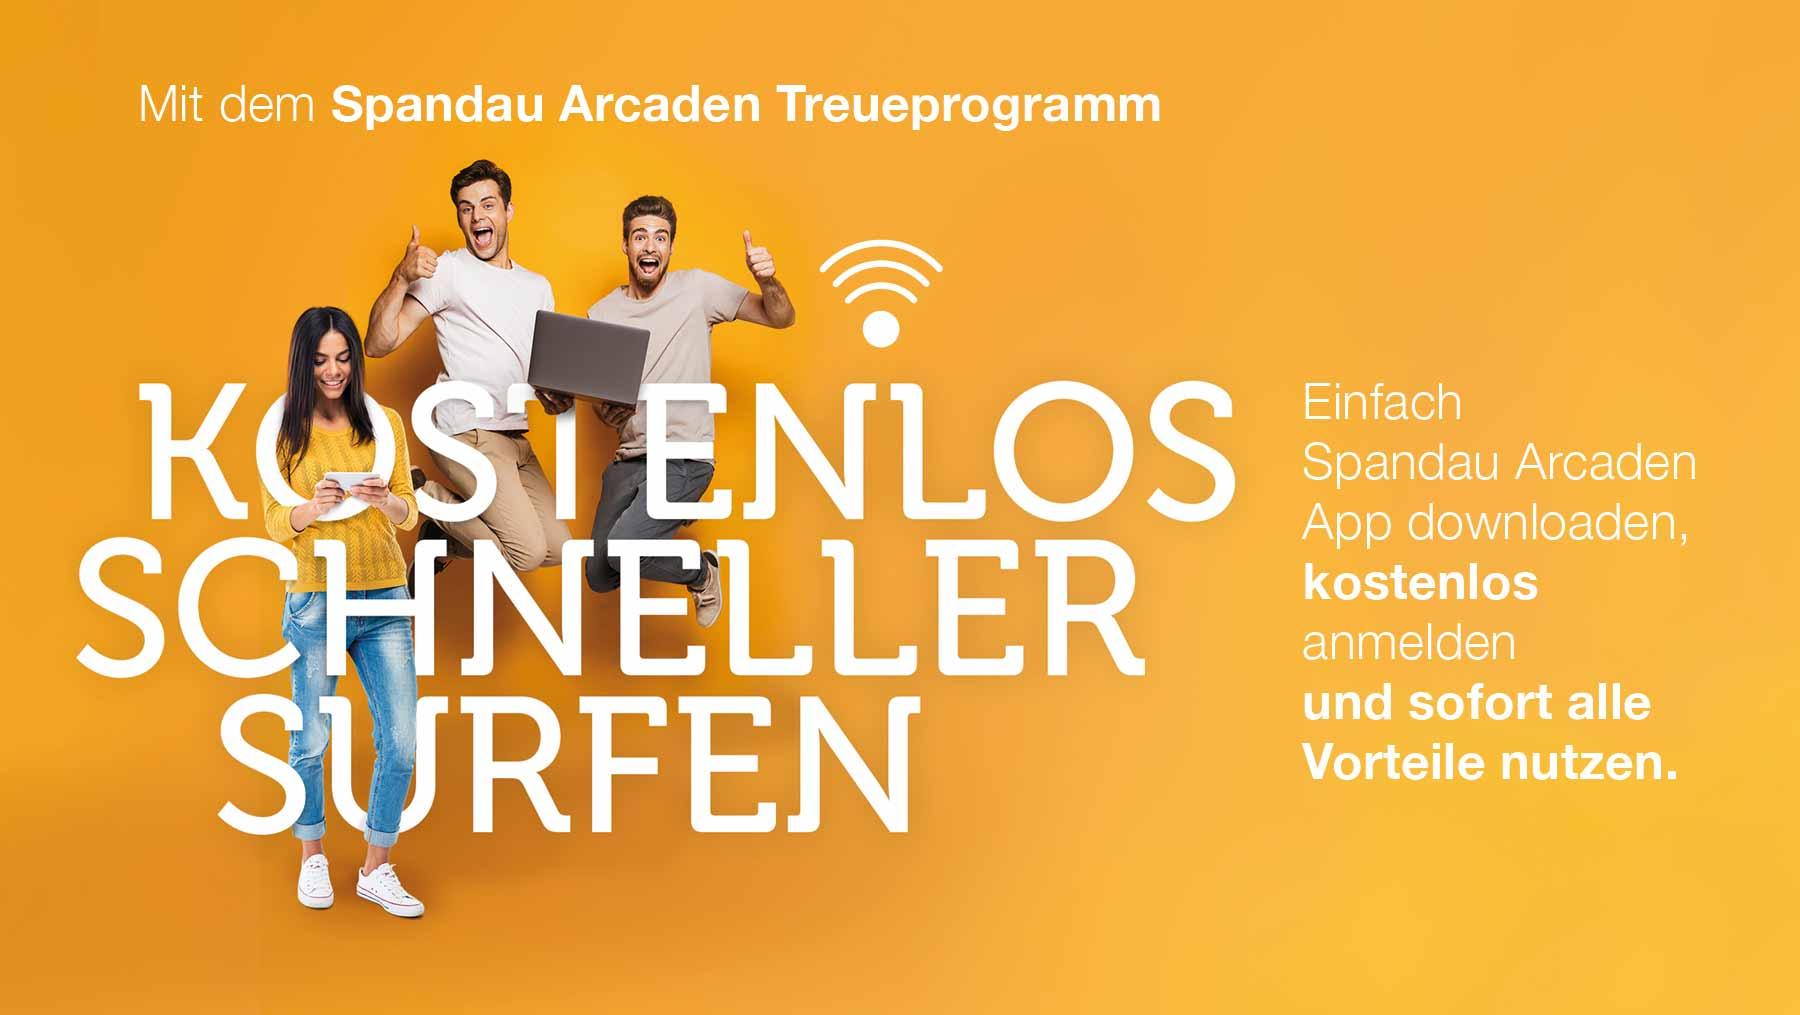 Highspeed-Wifi für Treueprogramm-Mitglieder